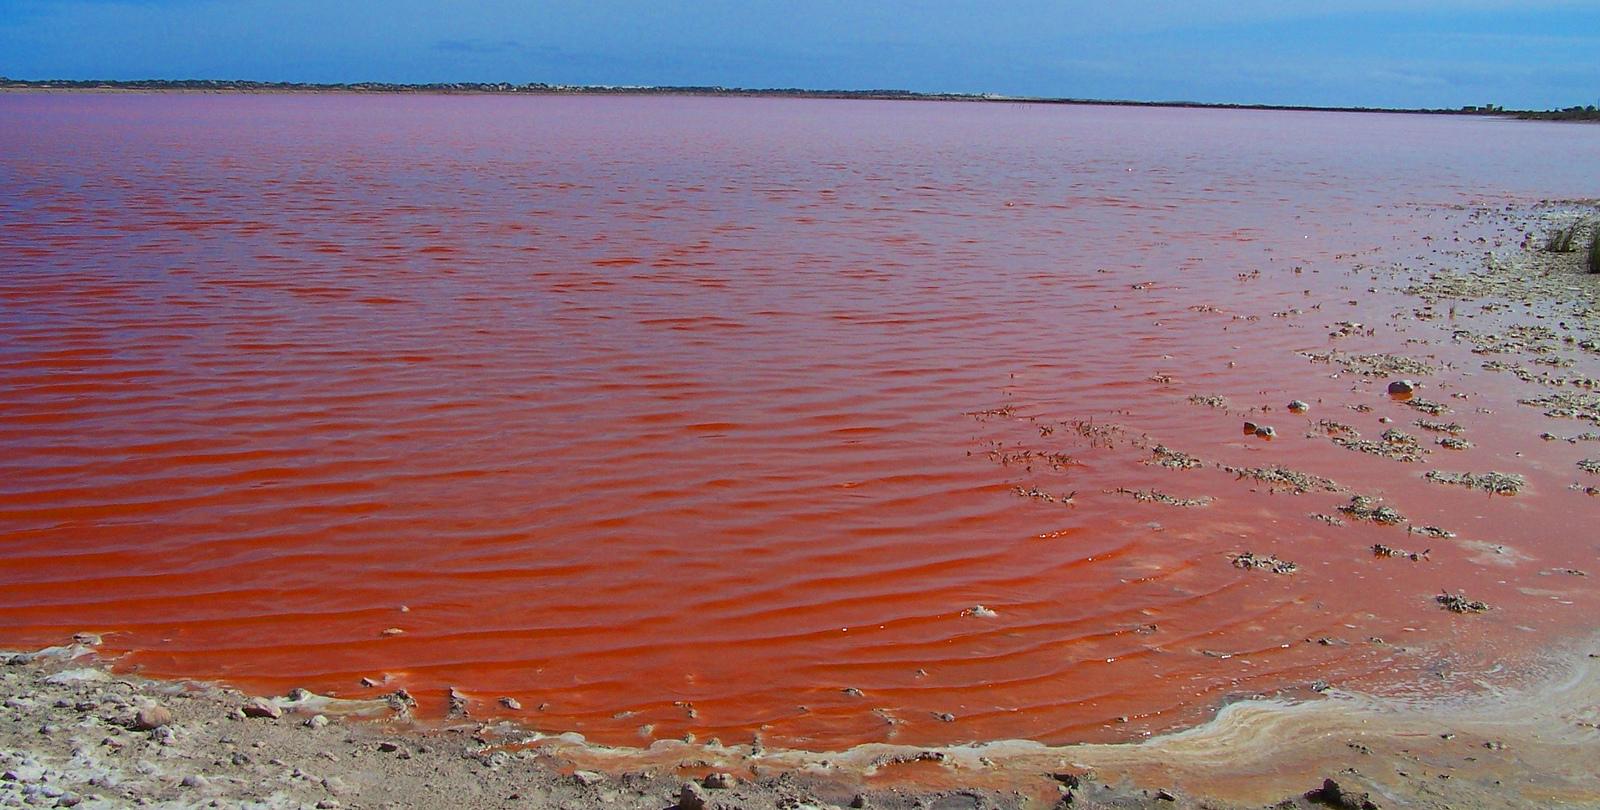 Розовое озеро в Австралии — Хиллер